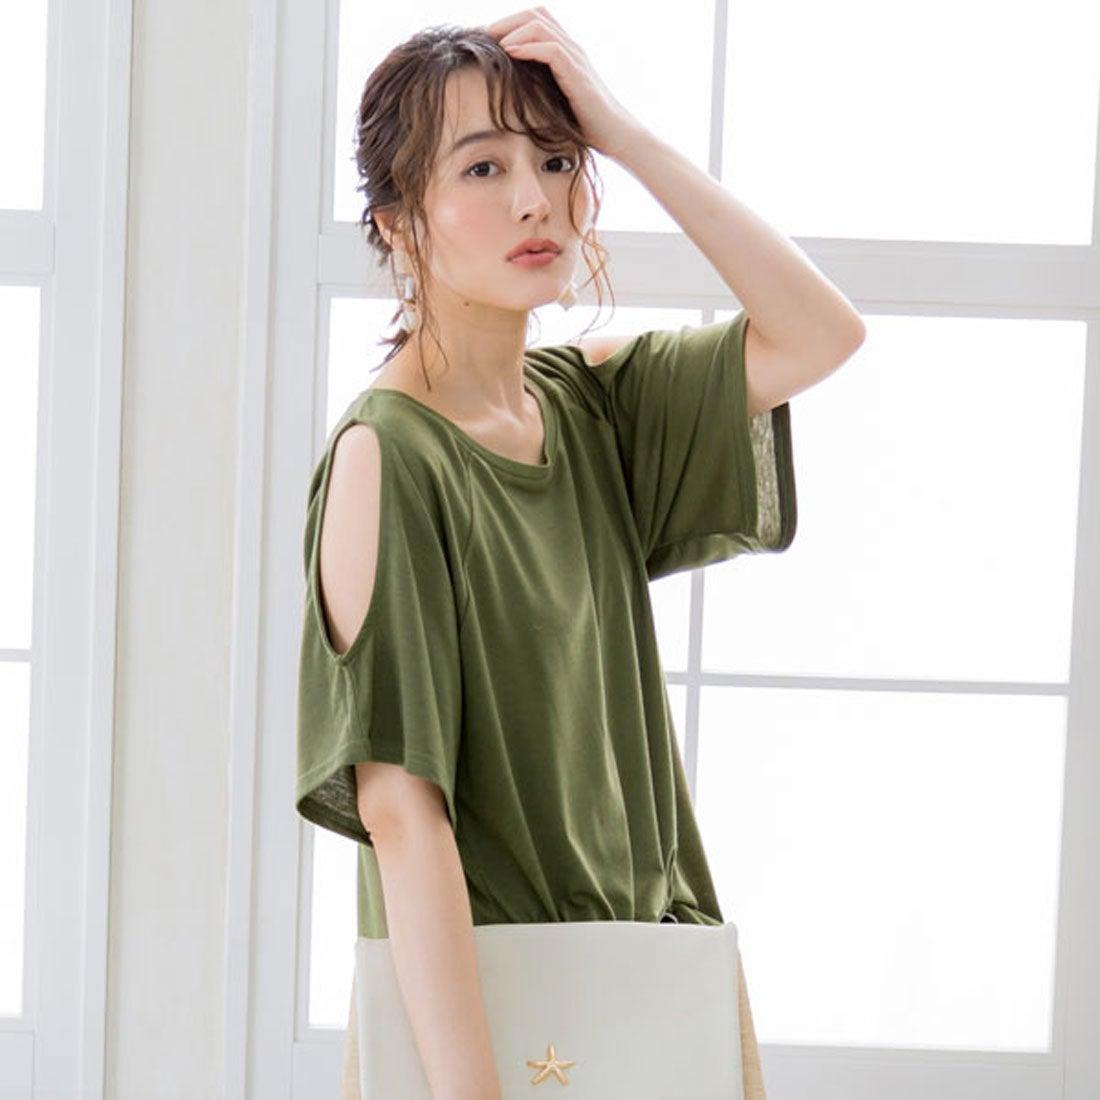 ユメテンボウ 夢展望 ワンショルダーor肩開きTシャツ (カーキ(肩開き))